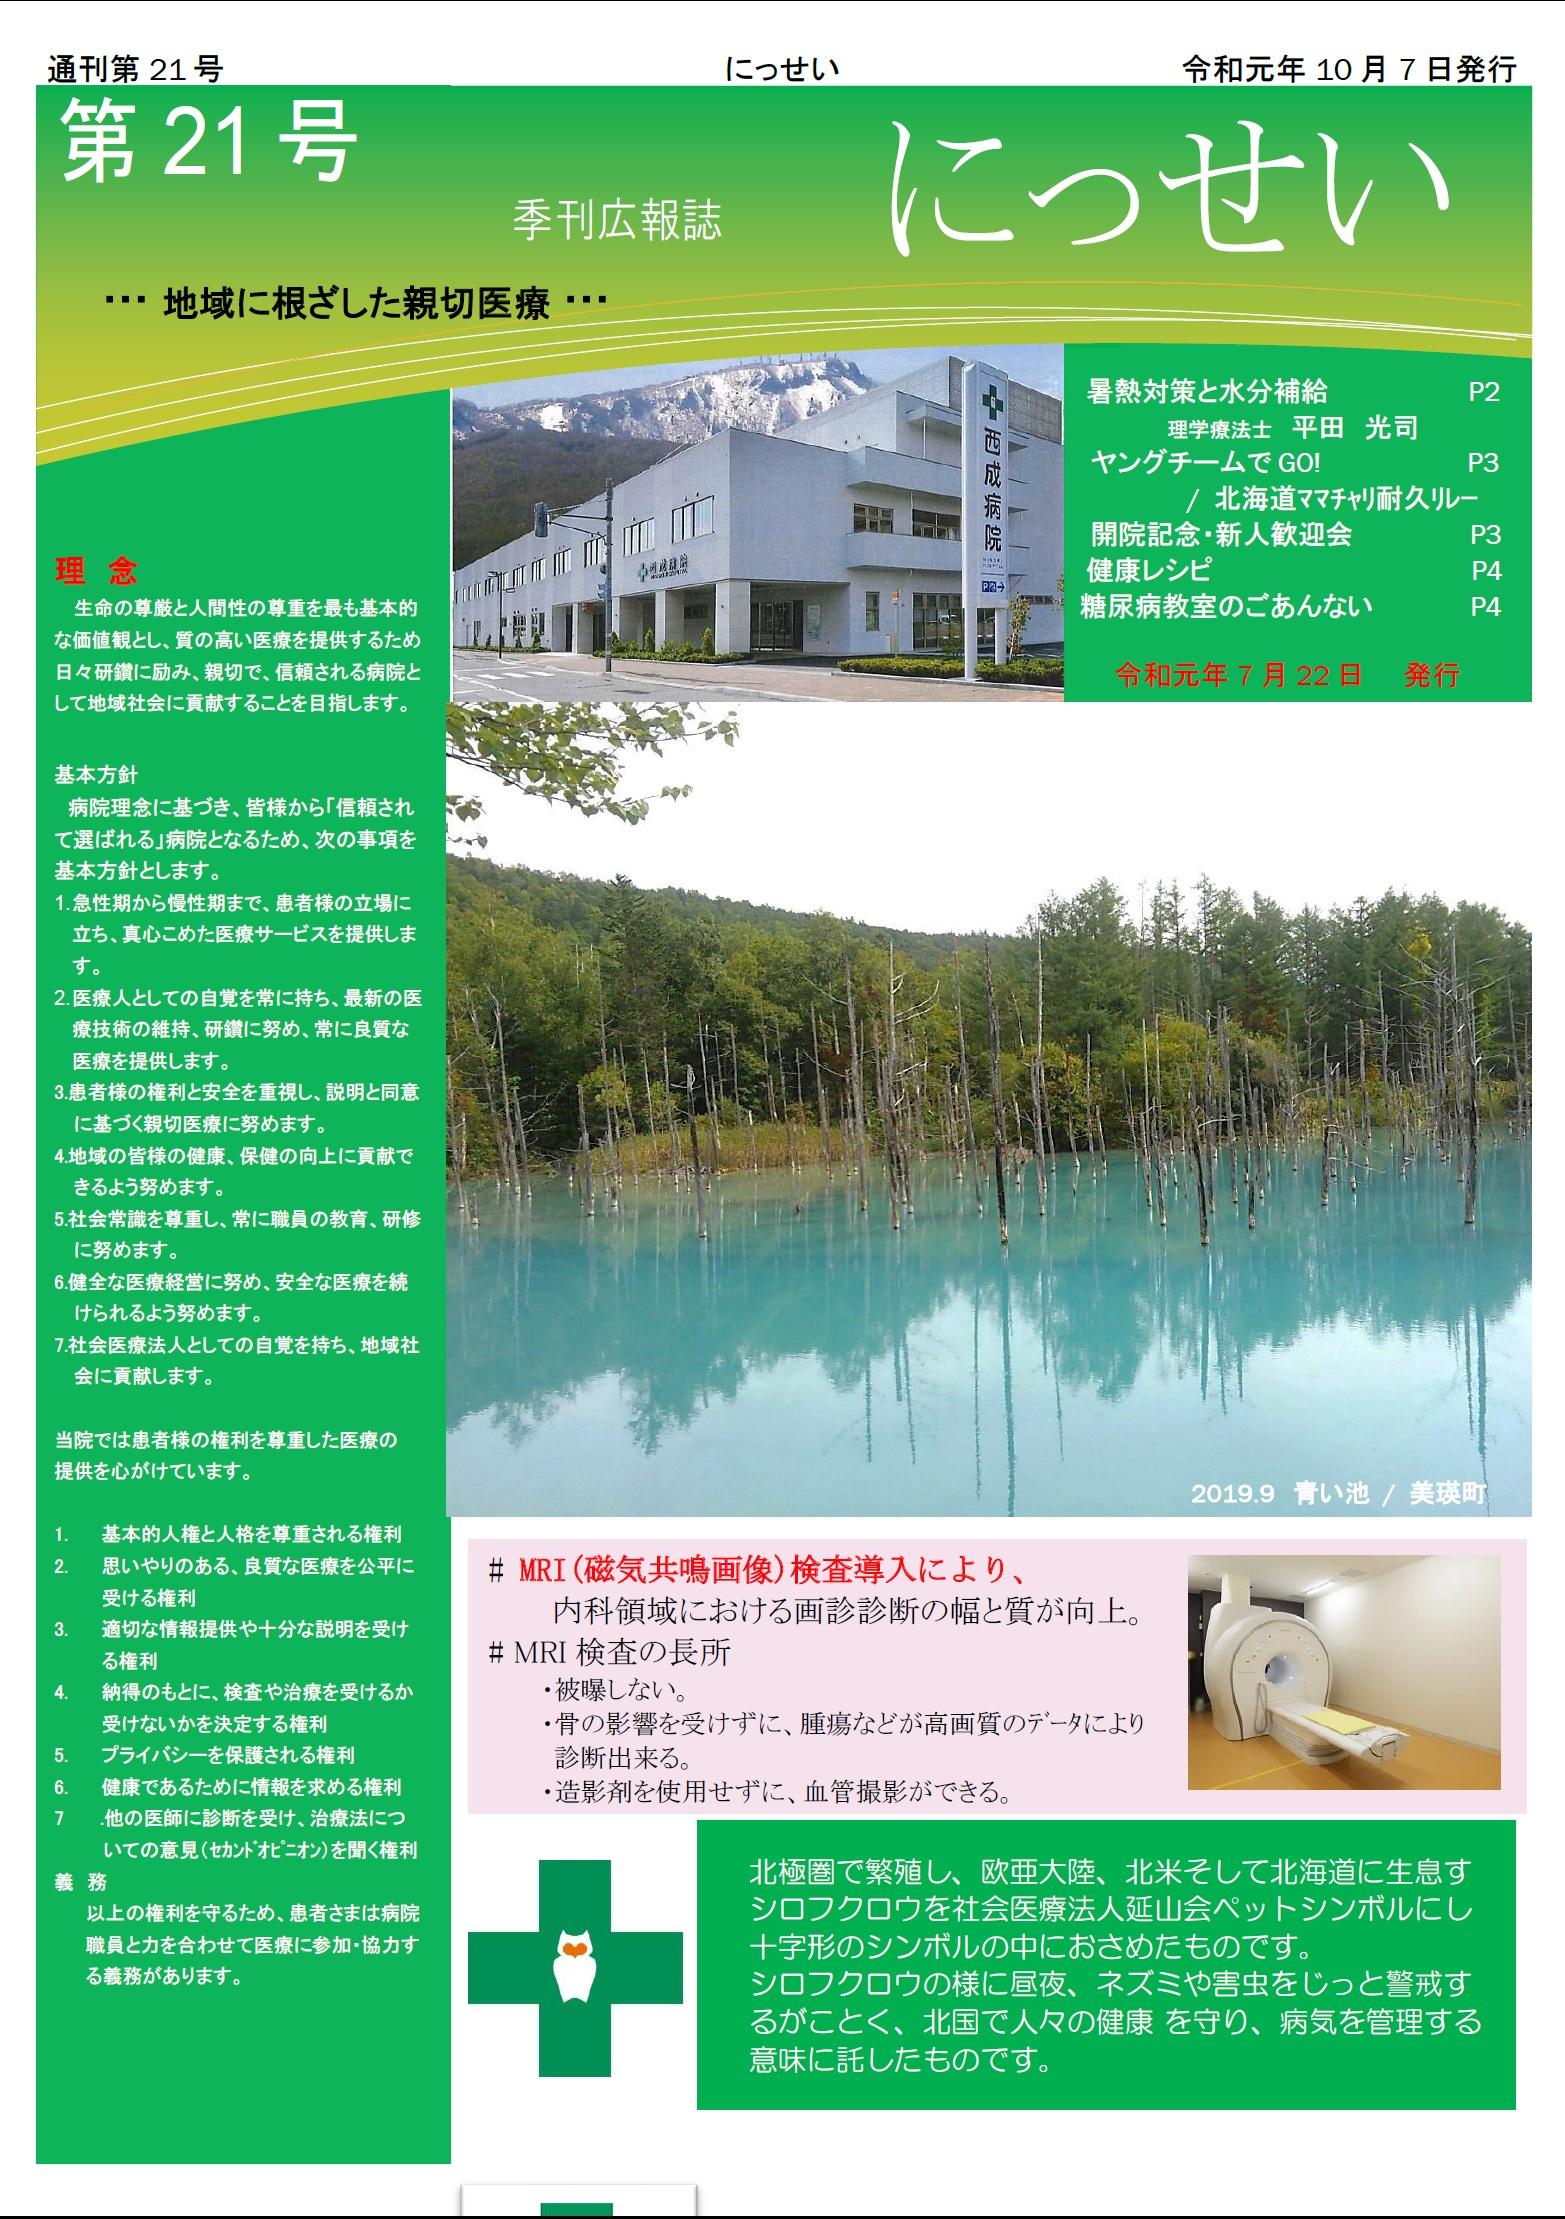 広報誌第21号 画像.jpg